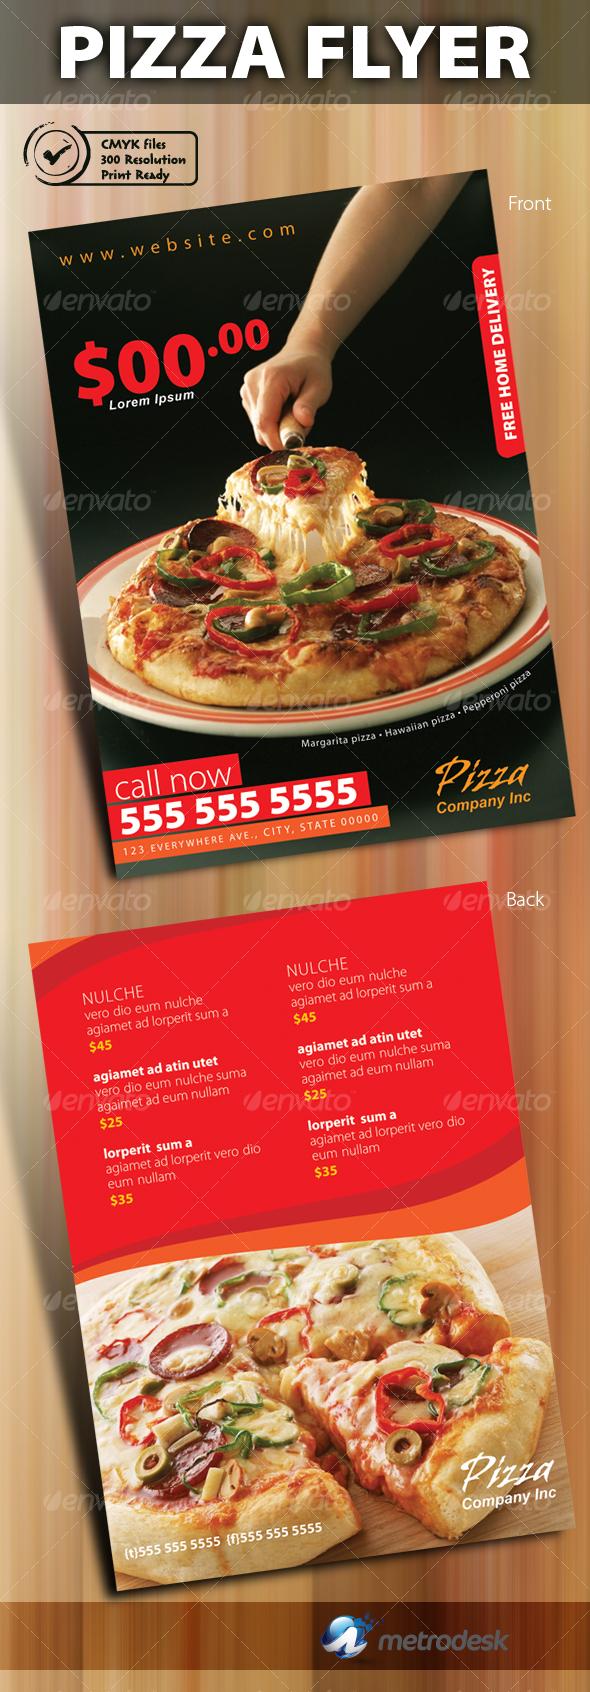 Print ready pizza menu flyer - Restaurant Flyers